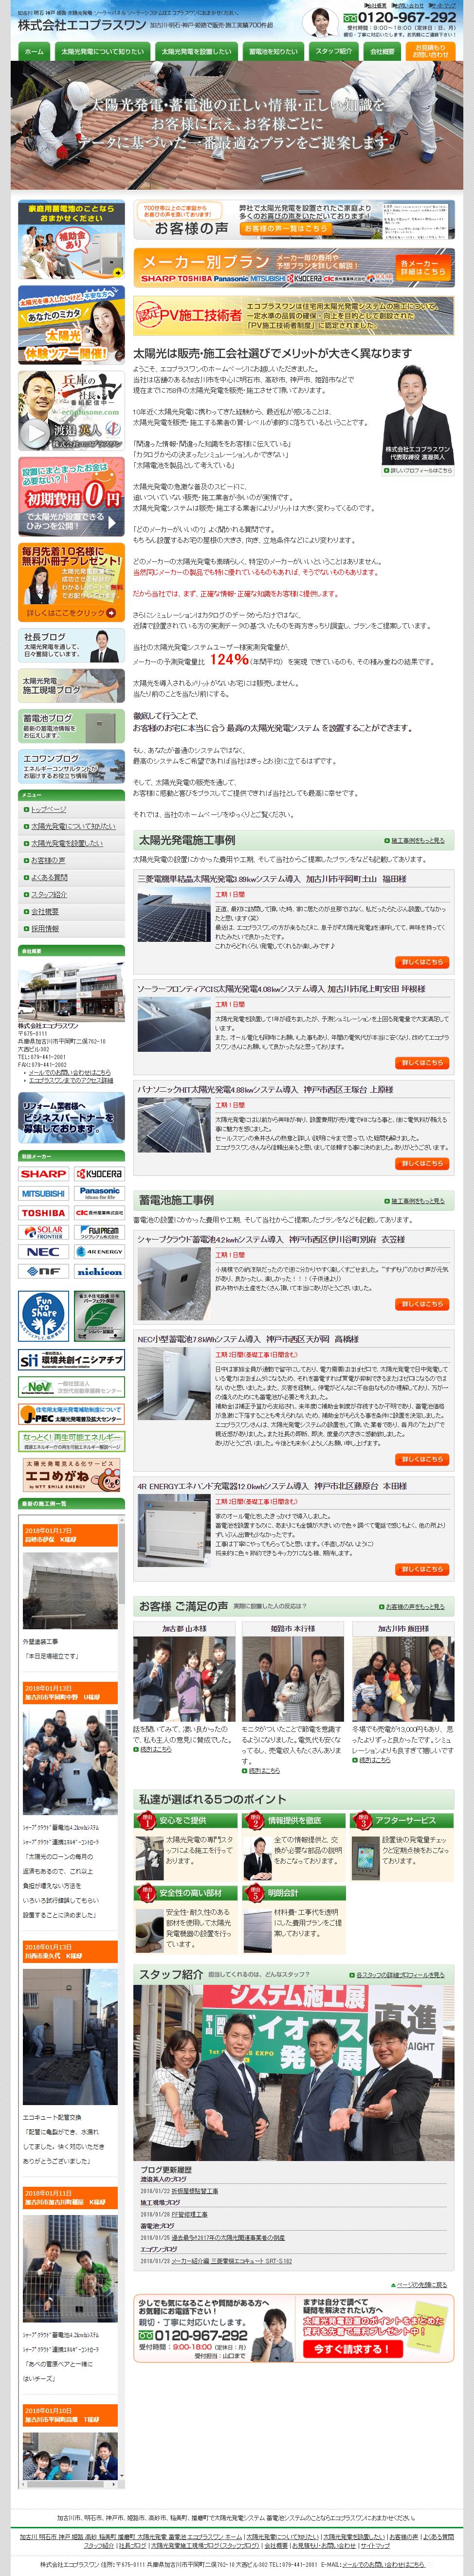 加古川市 株式会社エコプラスワン様 ホームページ制作1